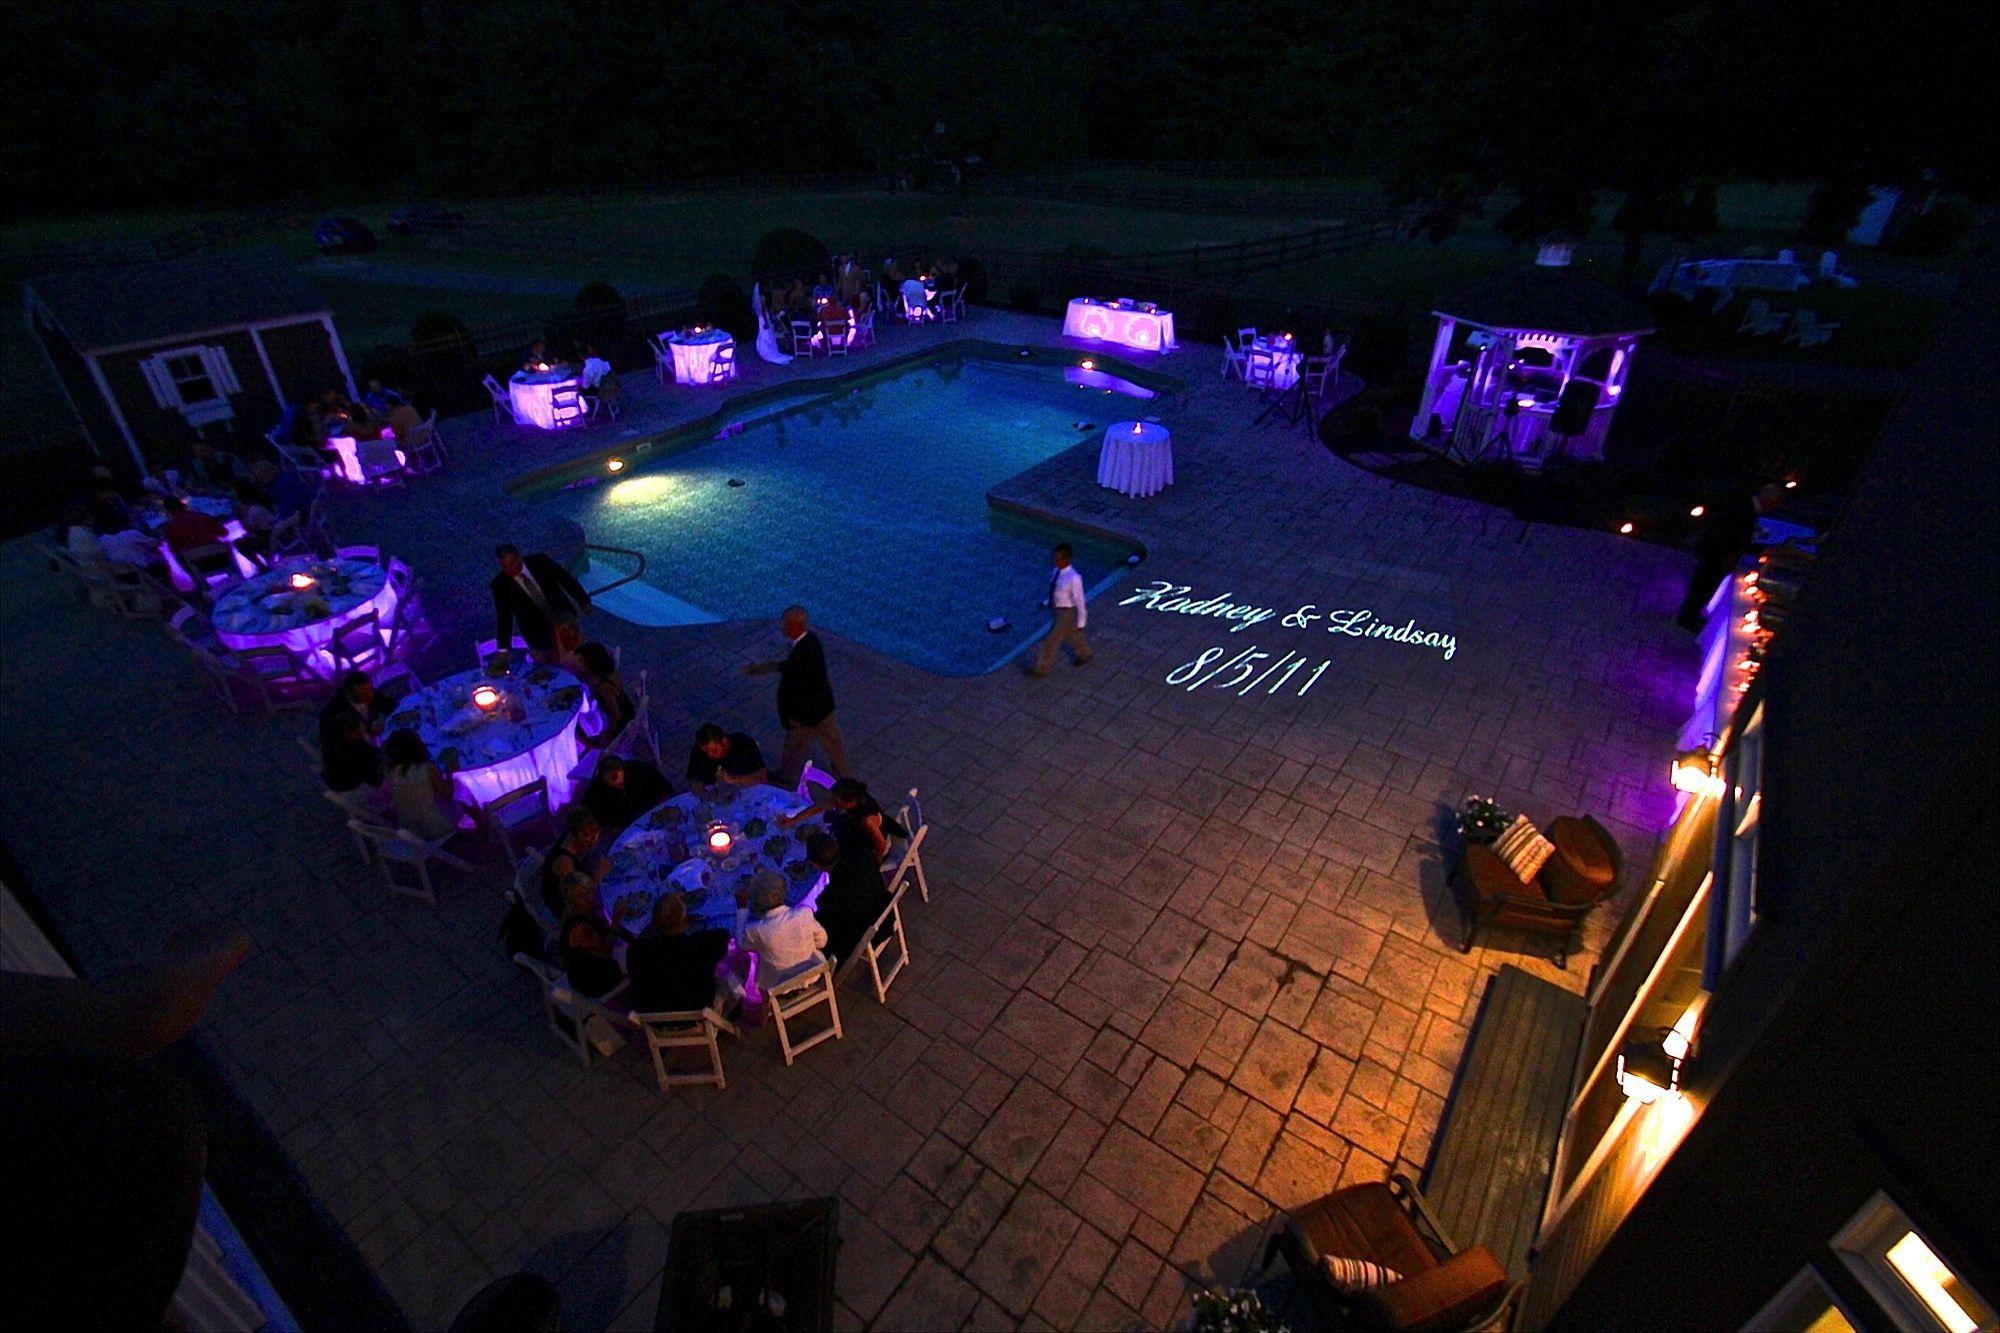 Outdoor Wedding Lighting Rental Awesome idea to use table uplighting for this outdoor wedding awesome idea to use table uplighting for this outdoor wedding workwithnaturefo